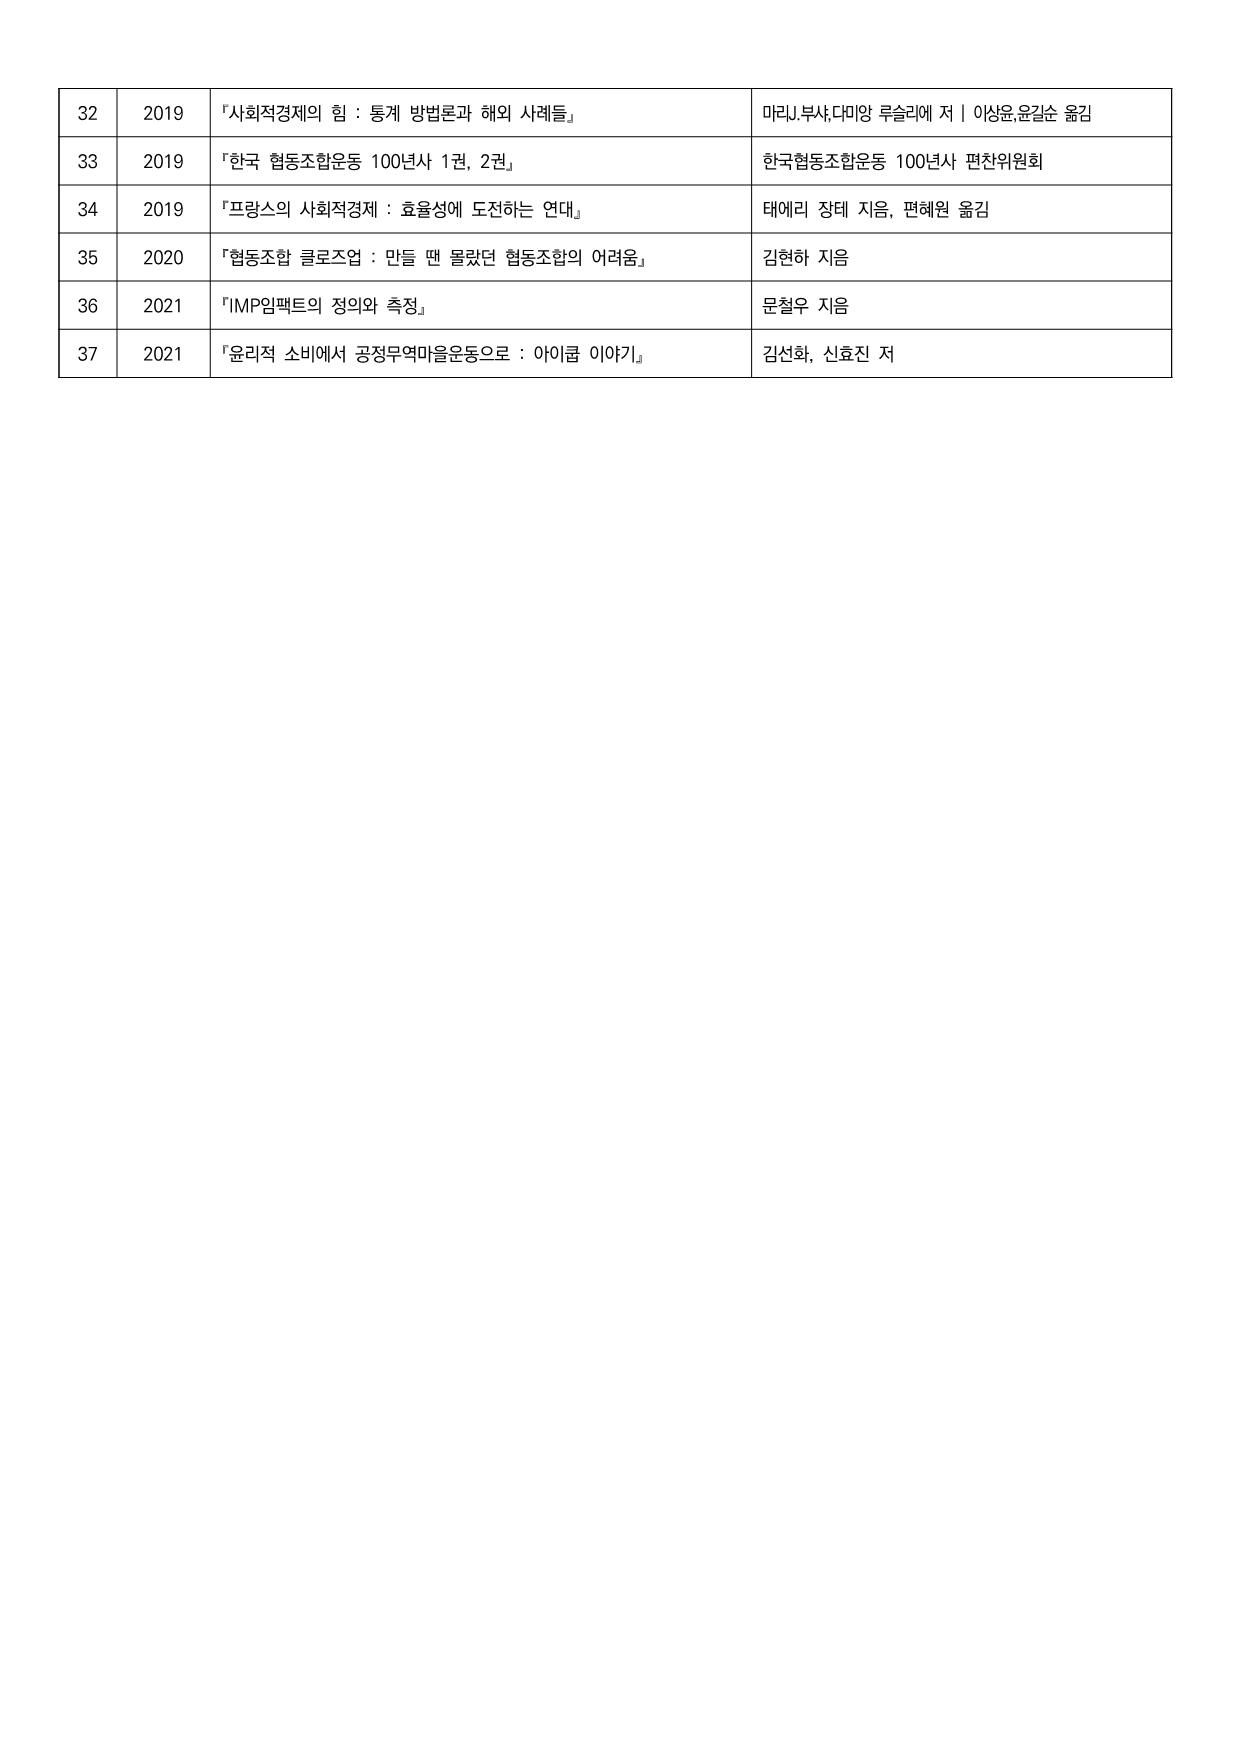 03.2100630_연구소 발행 목록_4